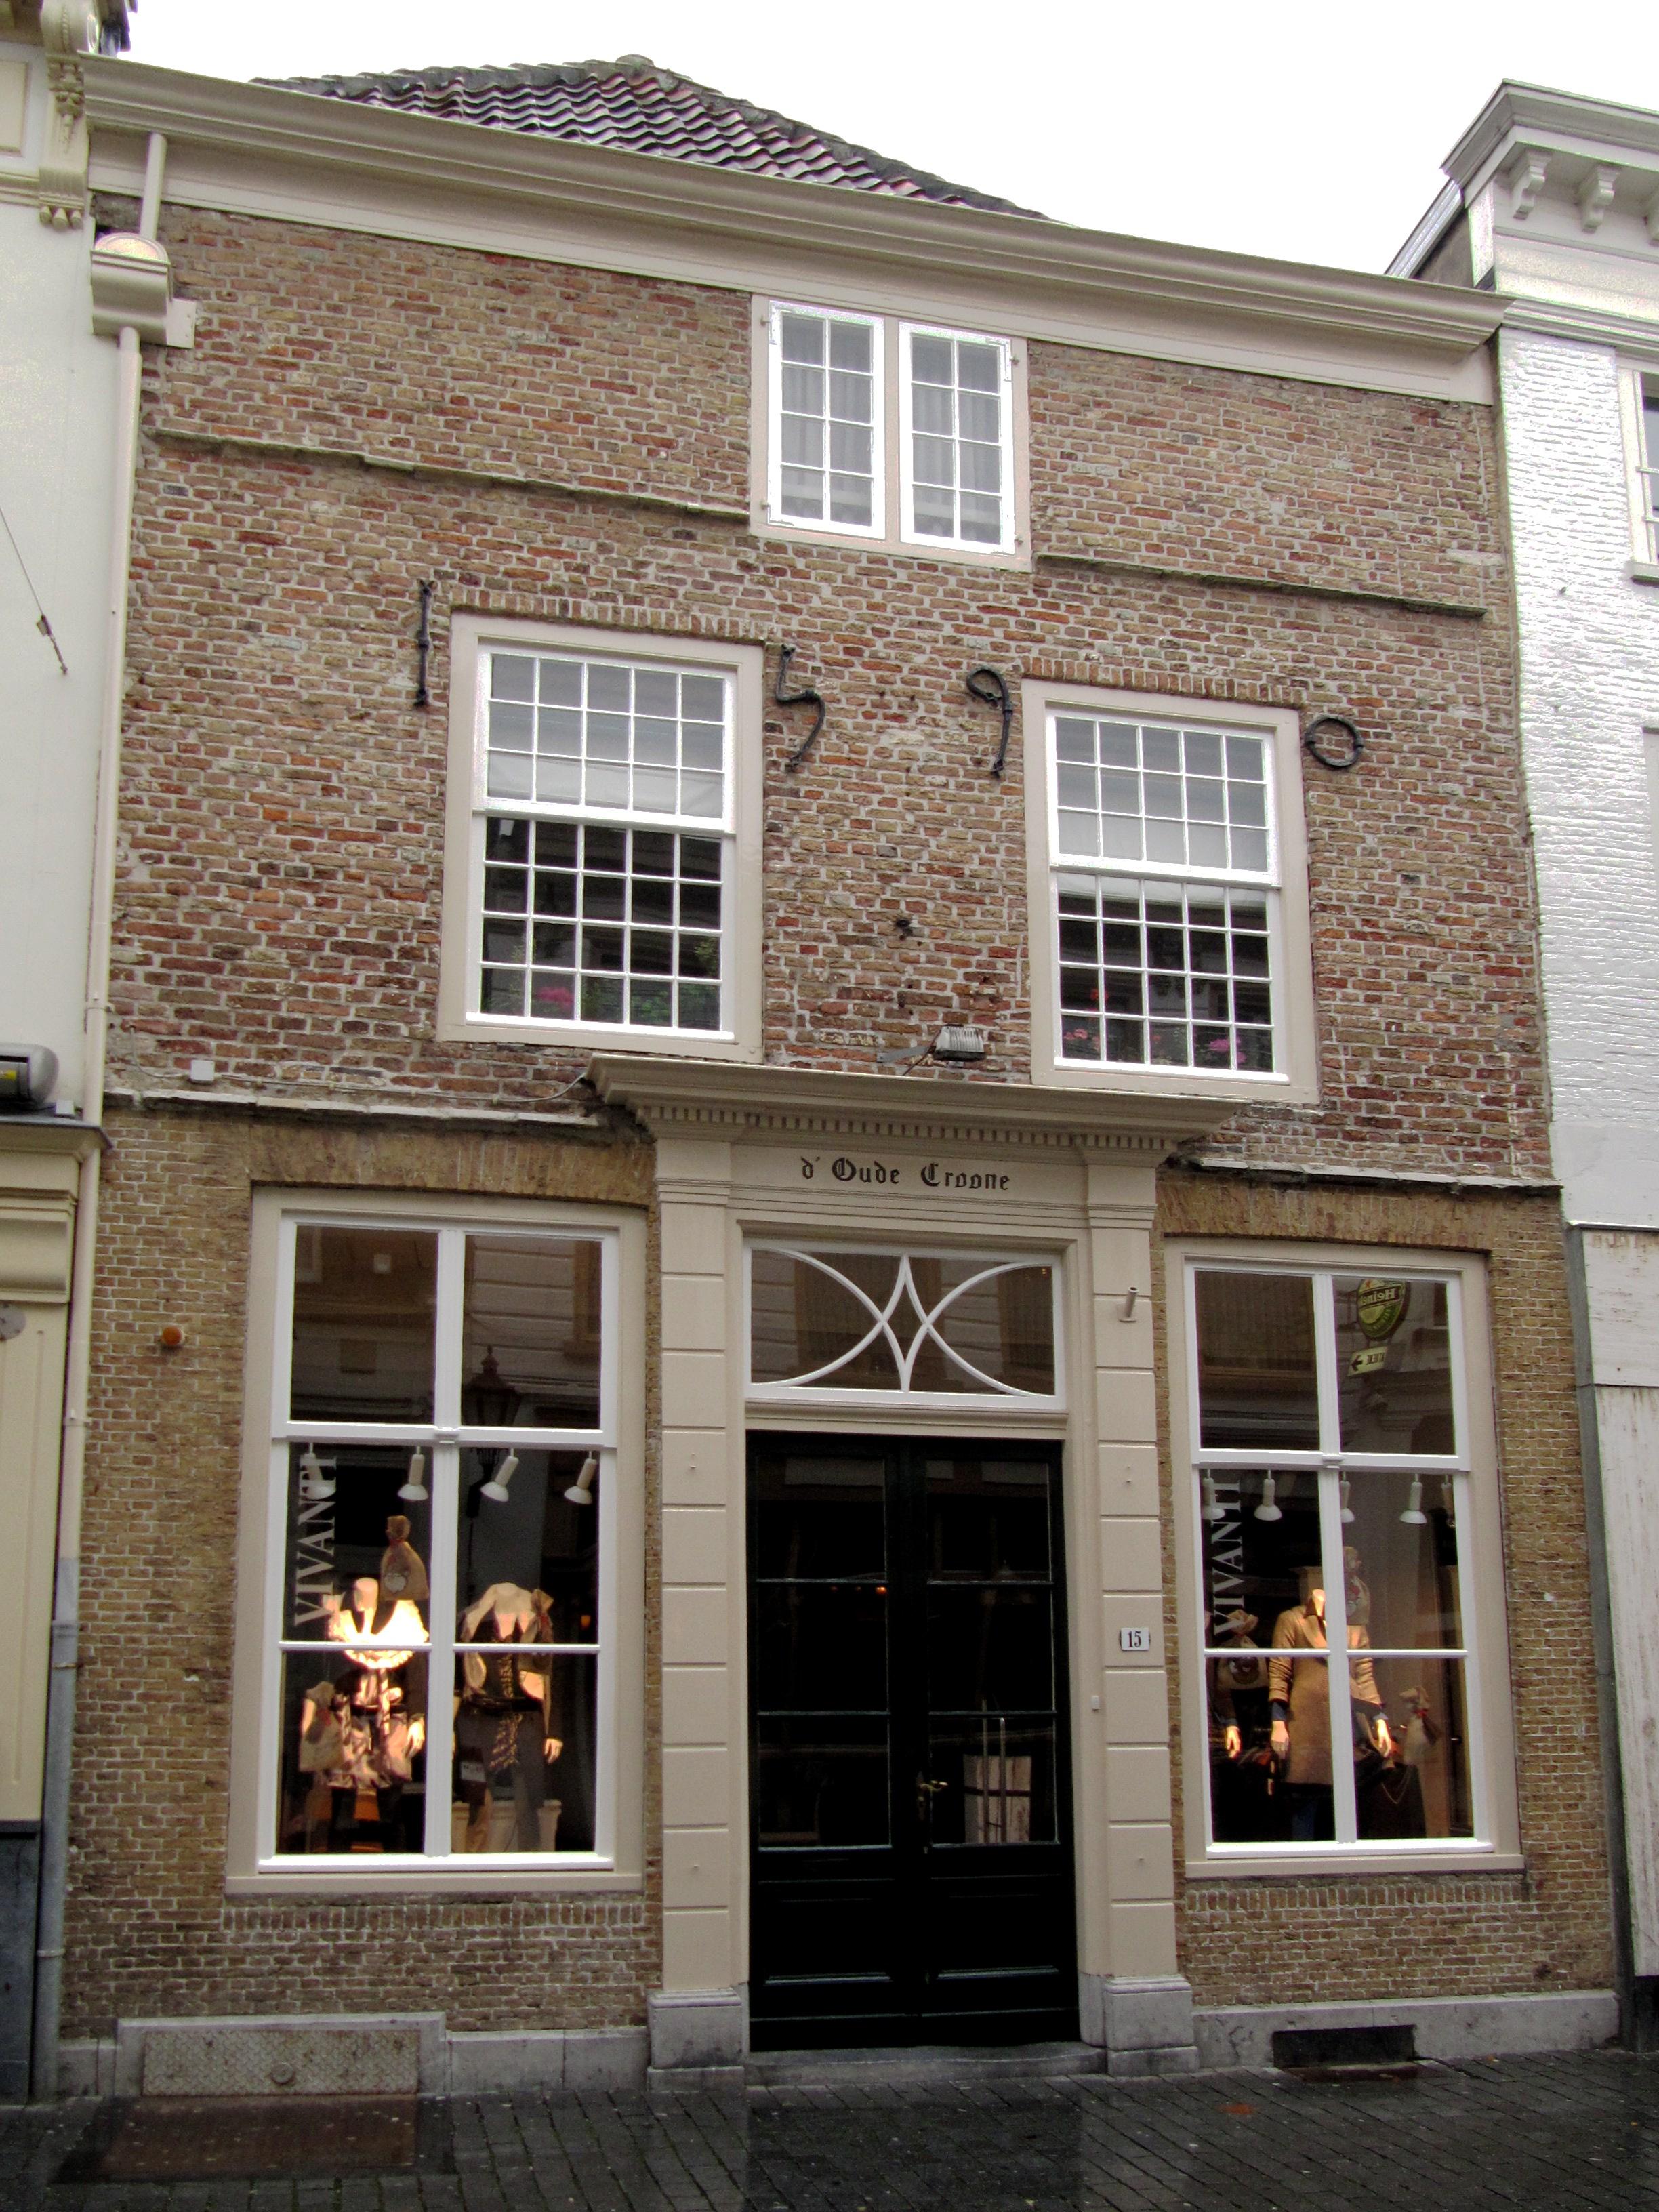 Huis met lijstgevel in schoon werk ingang met kroonlijst op geblokte pilasters en jaarankers - Huis ingang ...